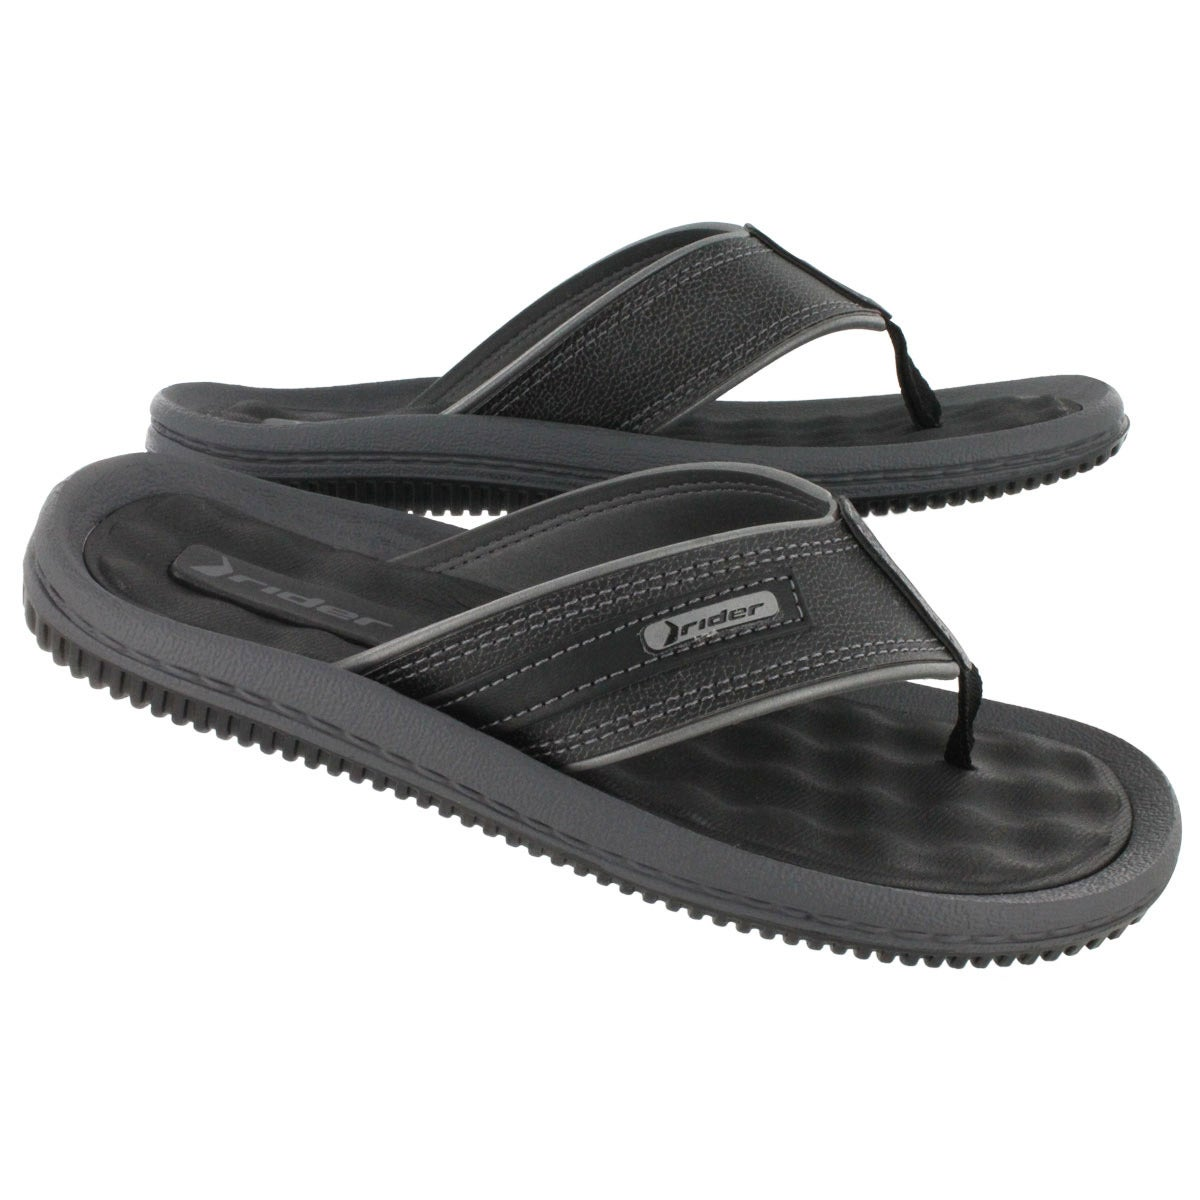 Sandales tongs Drift II, noir/gris, hom